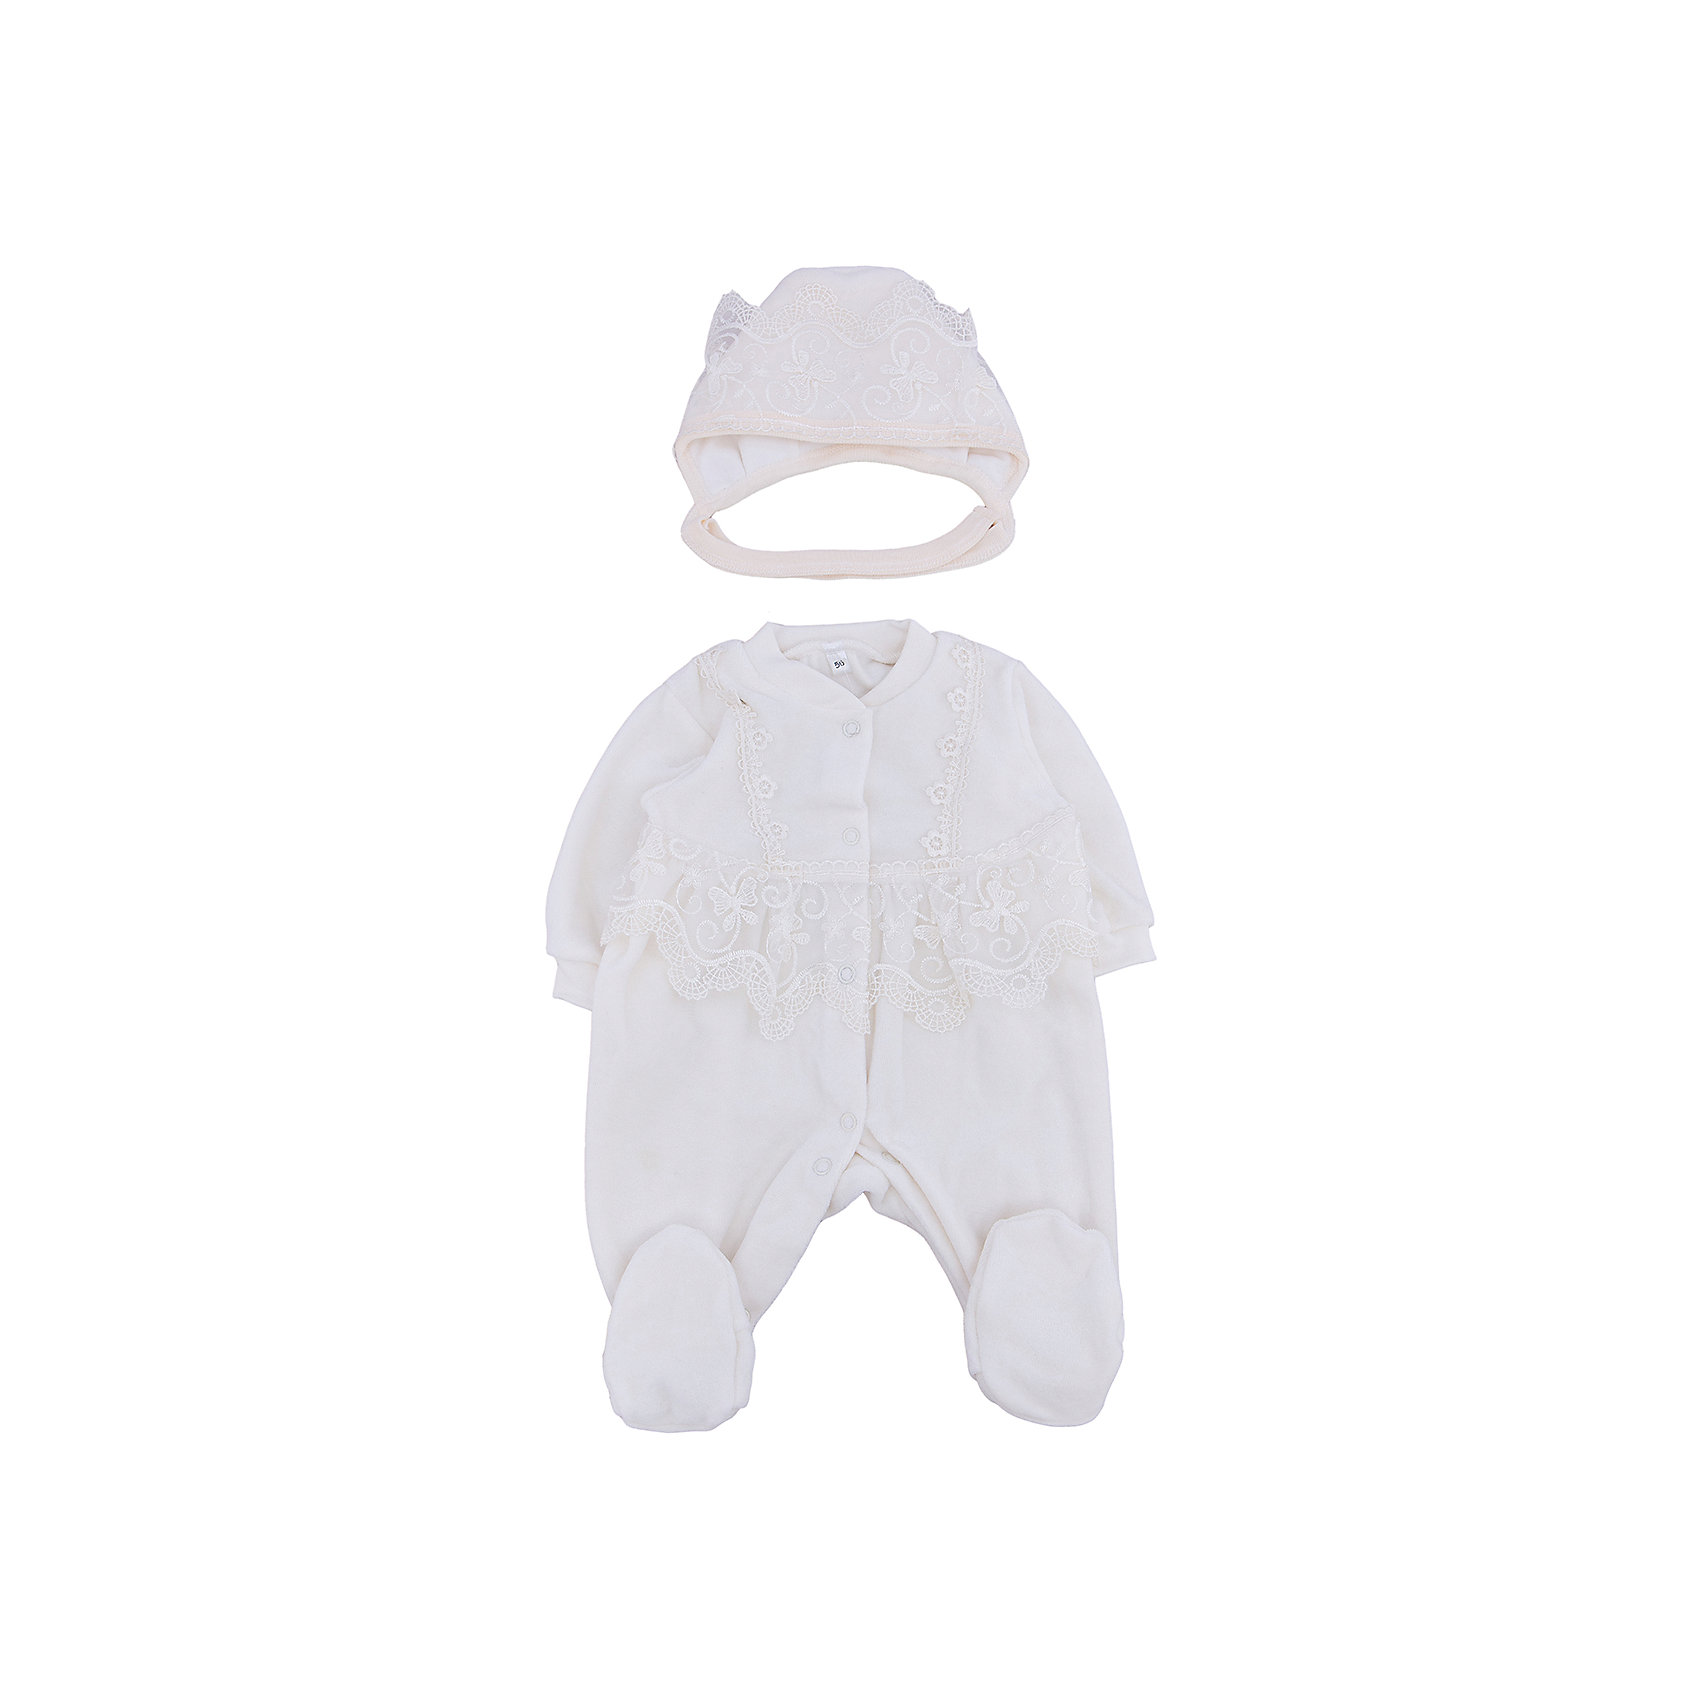 Комплект на выписку для девочки Soni KidsНаборы одежды, конверты на выписку<br>Комплект на выписку для девочки Soni Kids<br><br>В комплект входит:<br><br>-платьице<br>-повязка на голову <br><br>Характеристика:<br><br>-Материал: хлопок<br>-Застежки: кнопки<br>-Размер: 56<br>-Цвет: -Марка:  Soni kids(Сони кидс)<br><br>Комплект на выписку Soni kids выполнен из натуральных материалов, поэтому не вызовет раздражения на коже новорожденного ребёнка. Платьице и повязка декорированы кружевом и бантиками.<br> <br>Комплект на выписку для девочки Soni Kids можно приобрести в нашем интернет-магазине.<br><br>Ширина мм: 157<br>Глубина мм: 13<br>Высота мм: 119<br>Вес г: 200<br>Цвет: голубой<br>Возраст от месяцев: 0<br>Возраст до месяцев: 3<br>Пол: Женский<br>Возраст: Детский<br>Размер: 56<br>SKU: 5162697